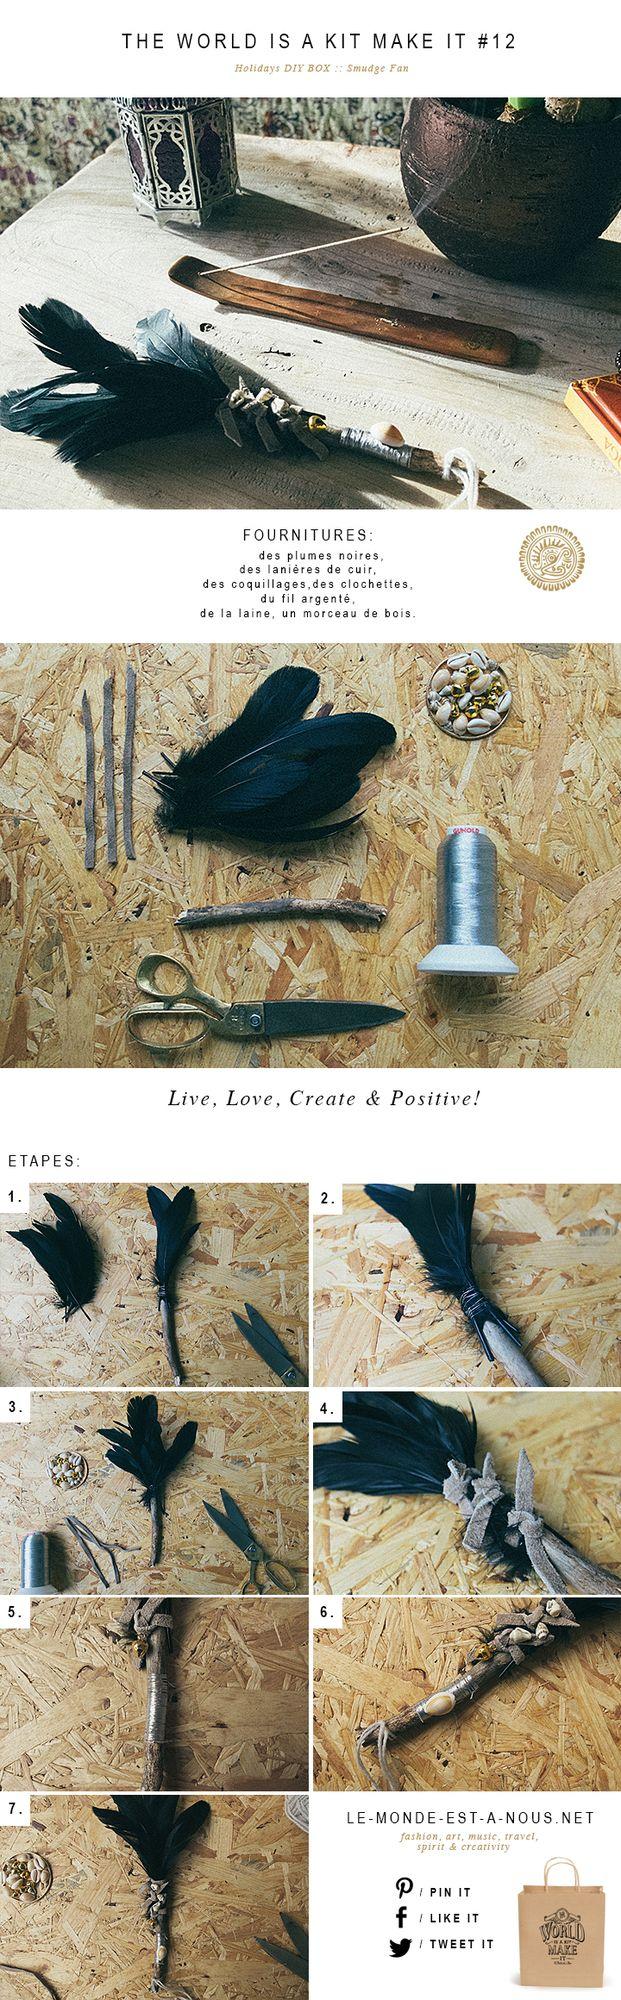 ritual smudge fan le monde est bos veren. Black Bedroom Furniture Sets. Home Design Ideas